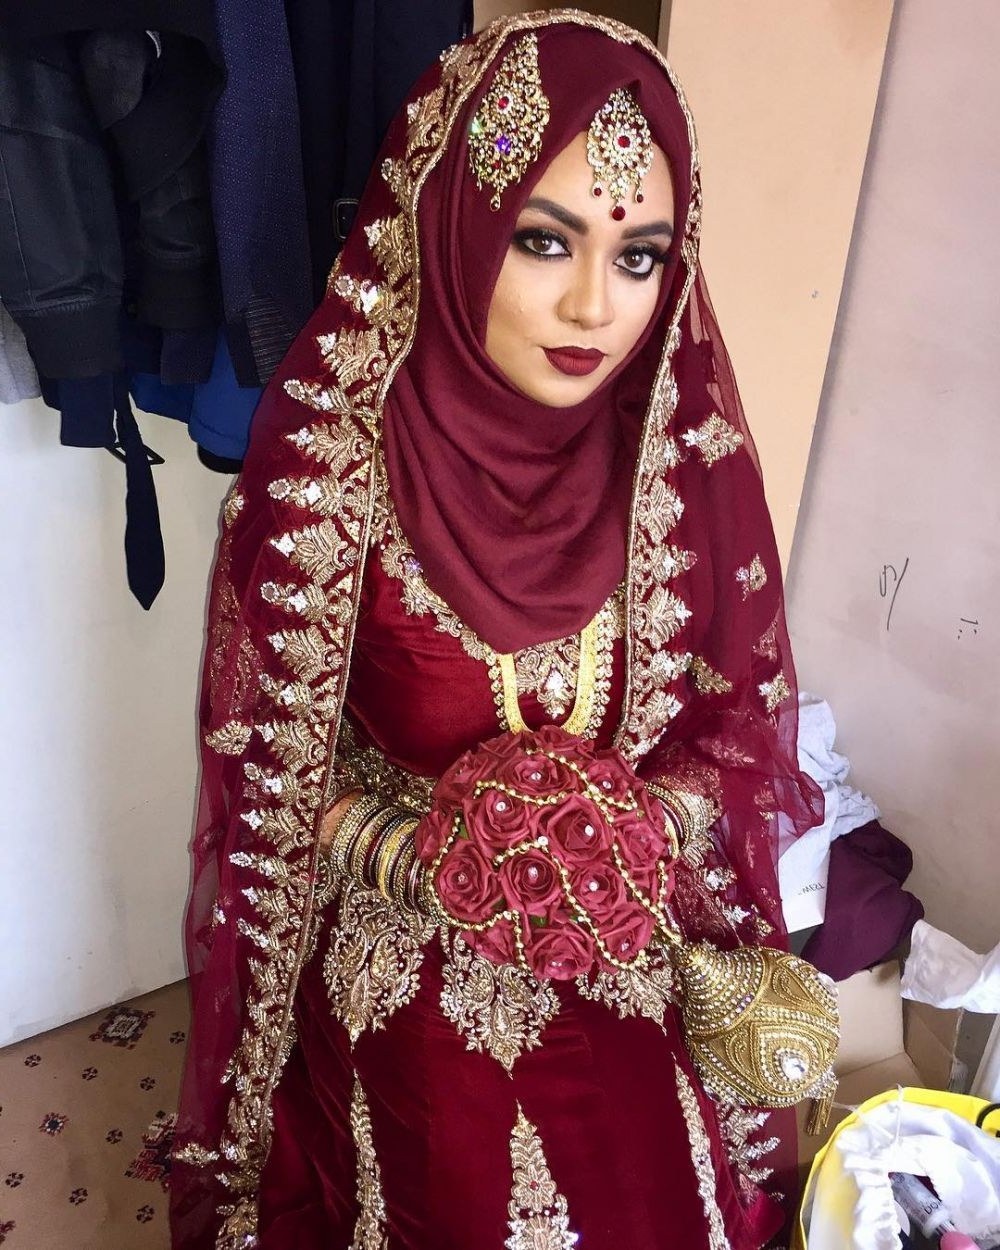 Bentuk Gaun Pengantin Muslimah Warna Merah Marun Jxdu 20 Inspirasi Riasan Pengantin Ala India Untuk Wanita Berhijab